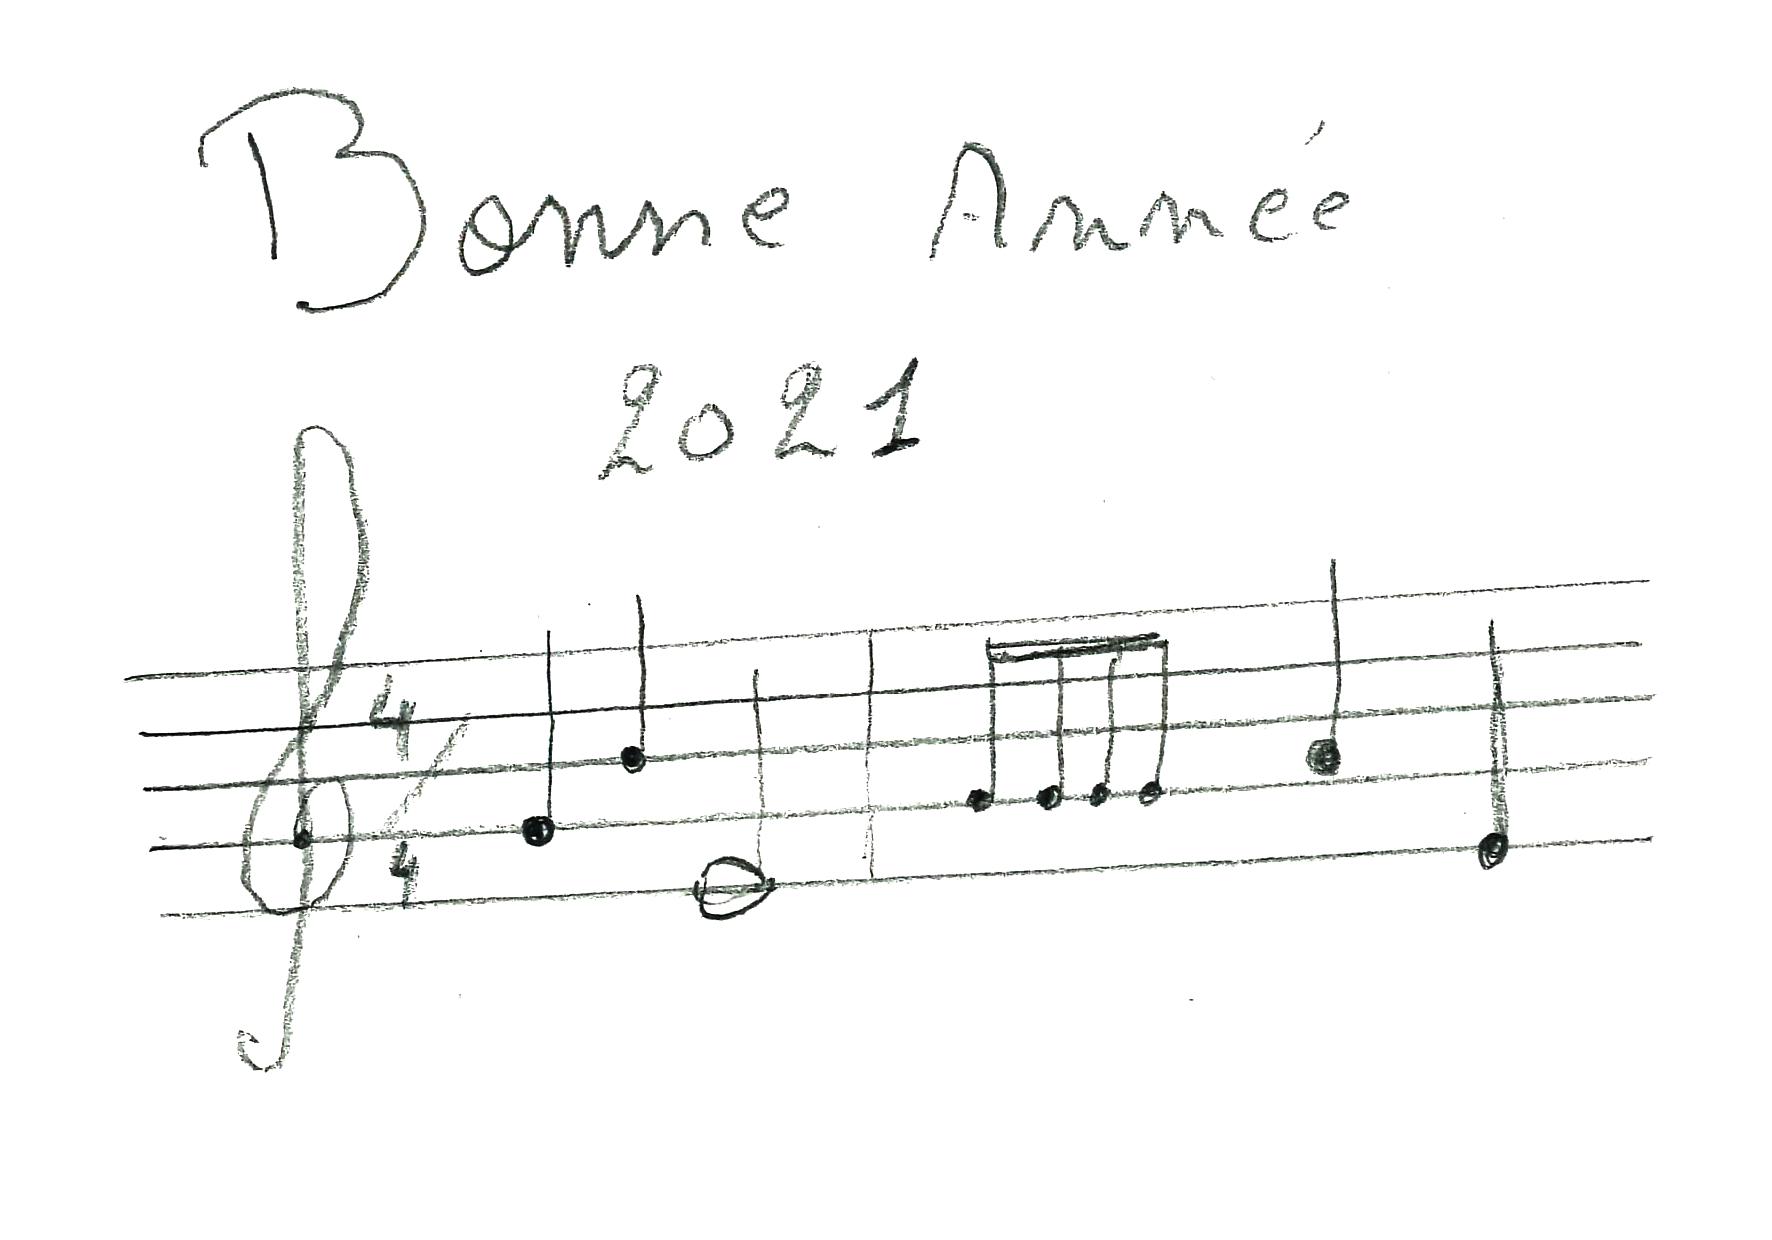 Les voeux à chanter de Stéphane Karnier